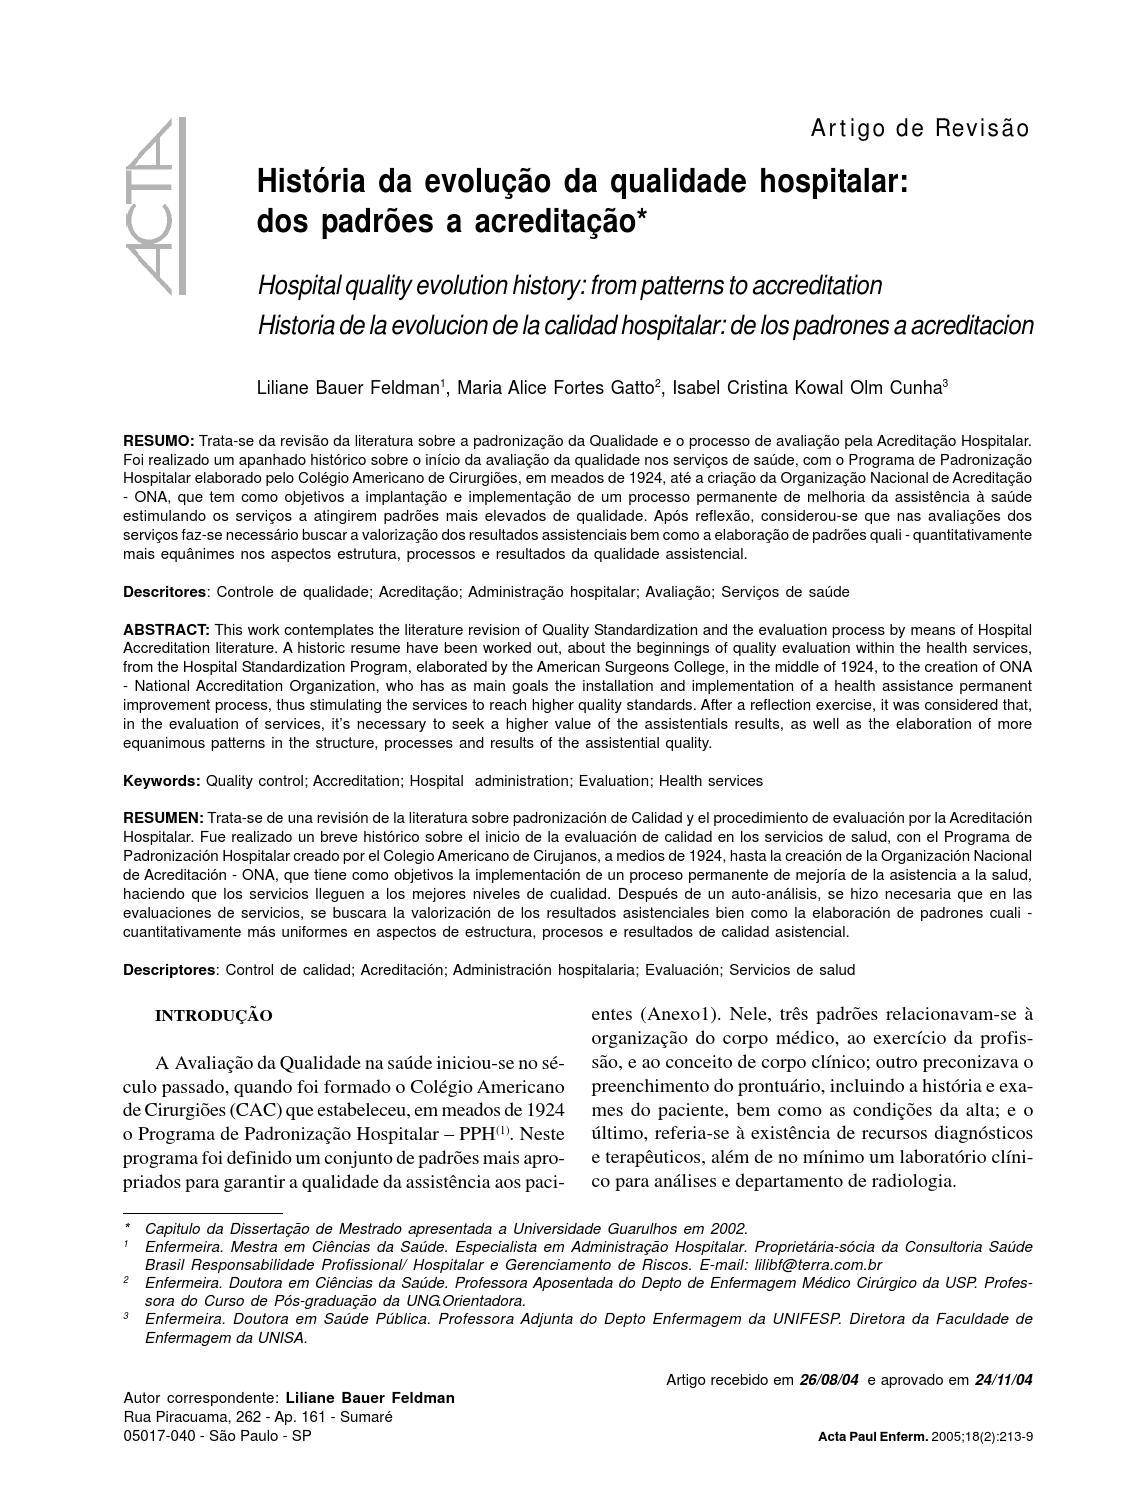 Artigo Acreditação Hospitalar By José Do Patrocinio Issuu